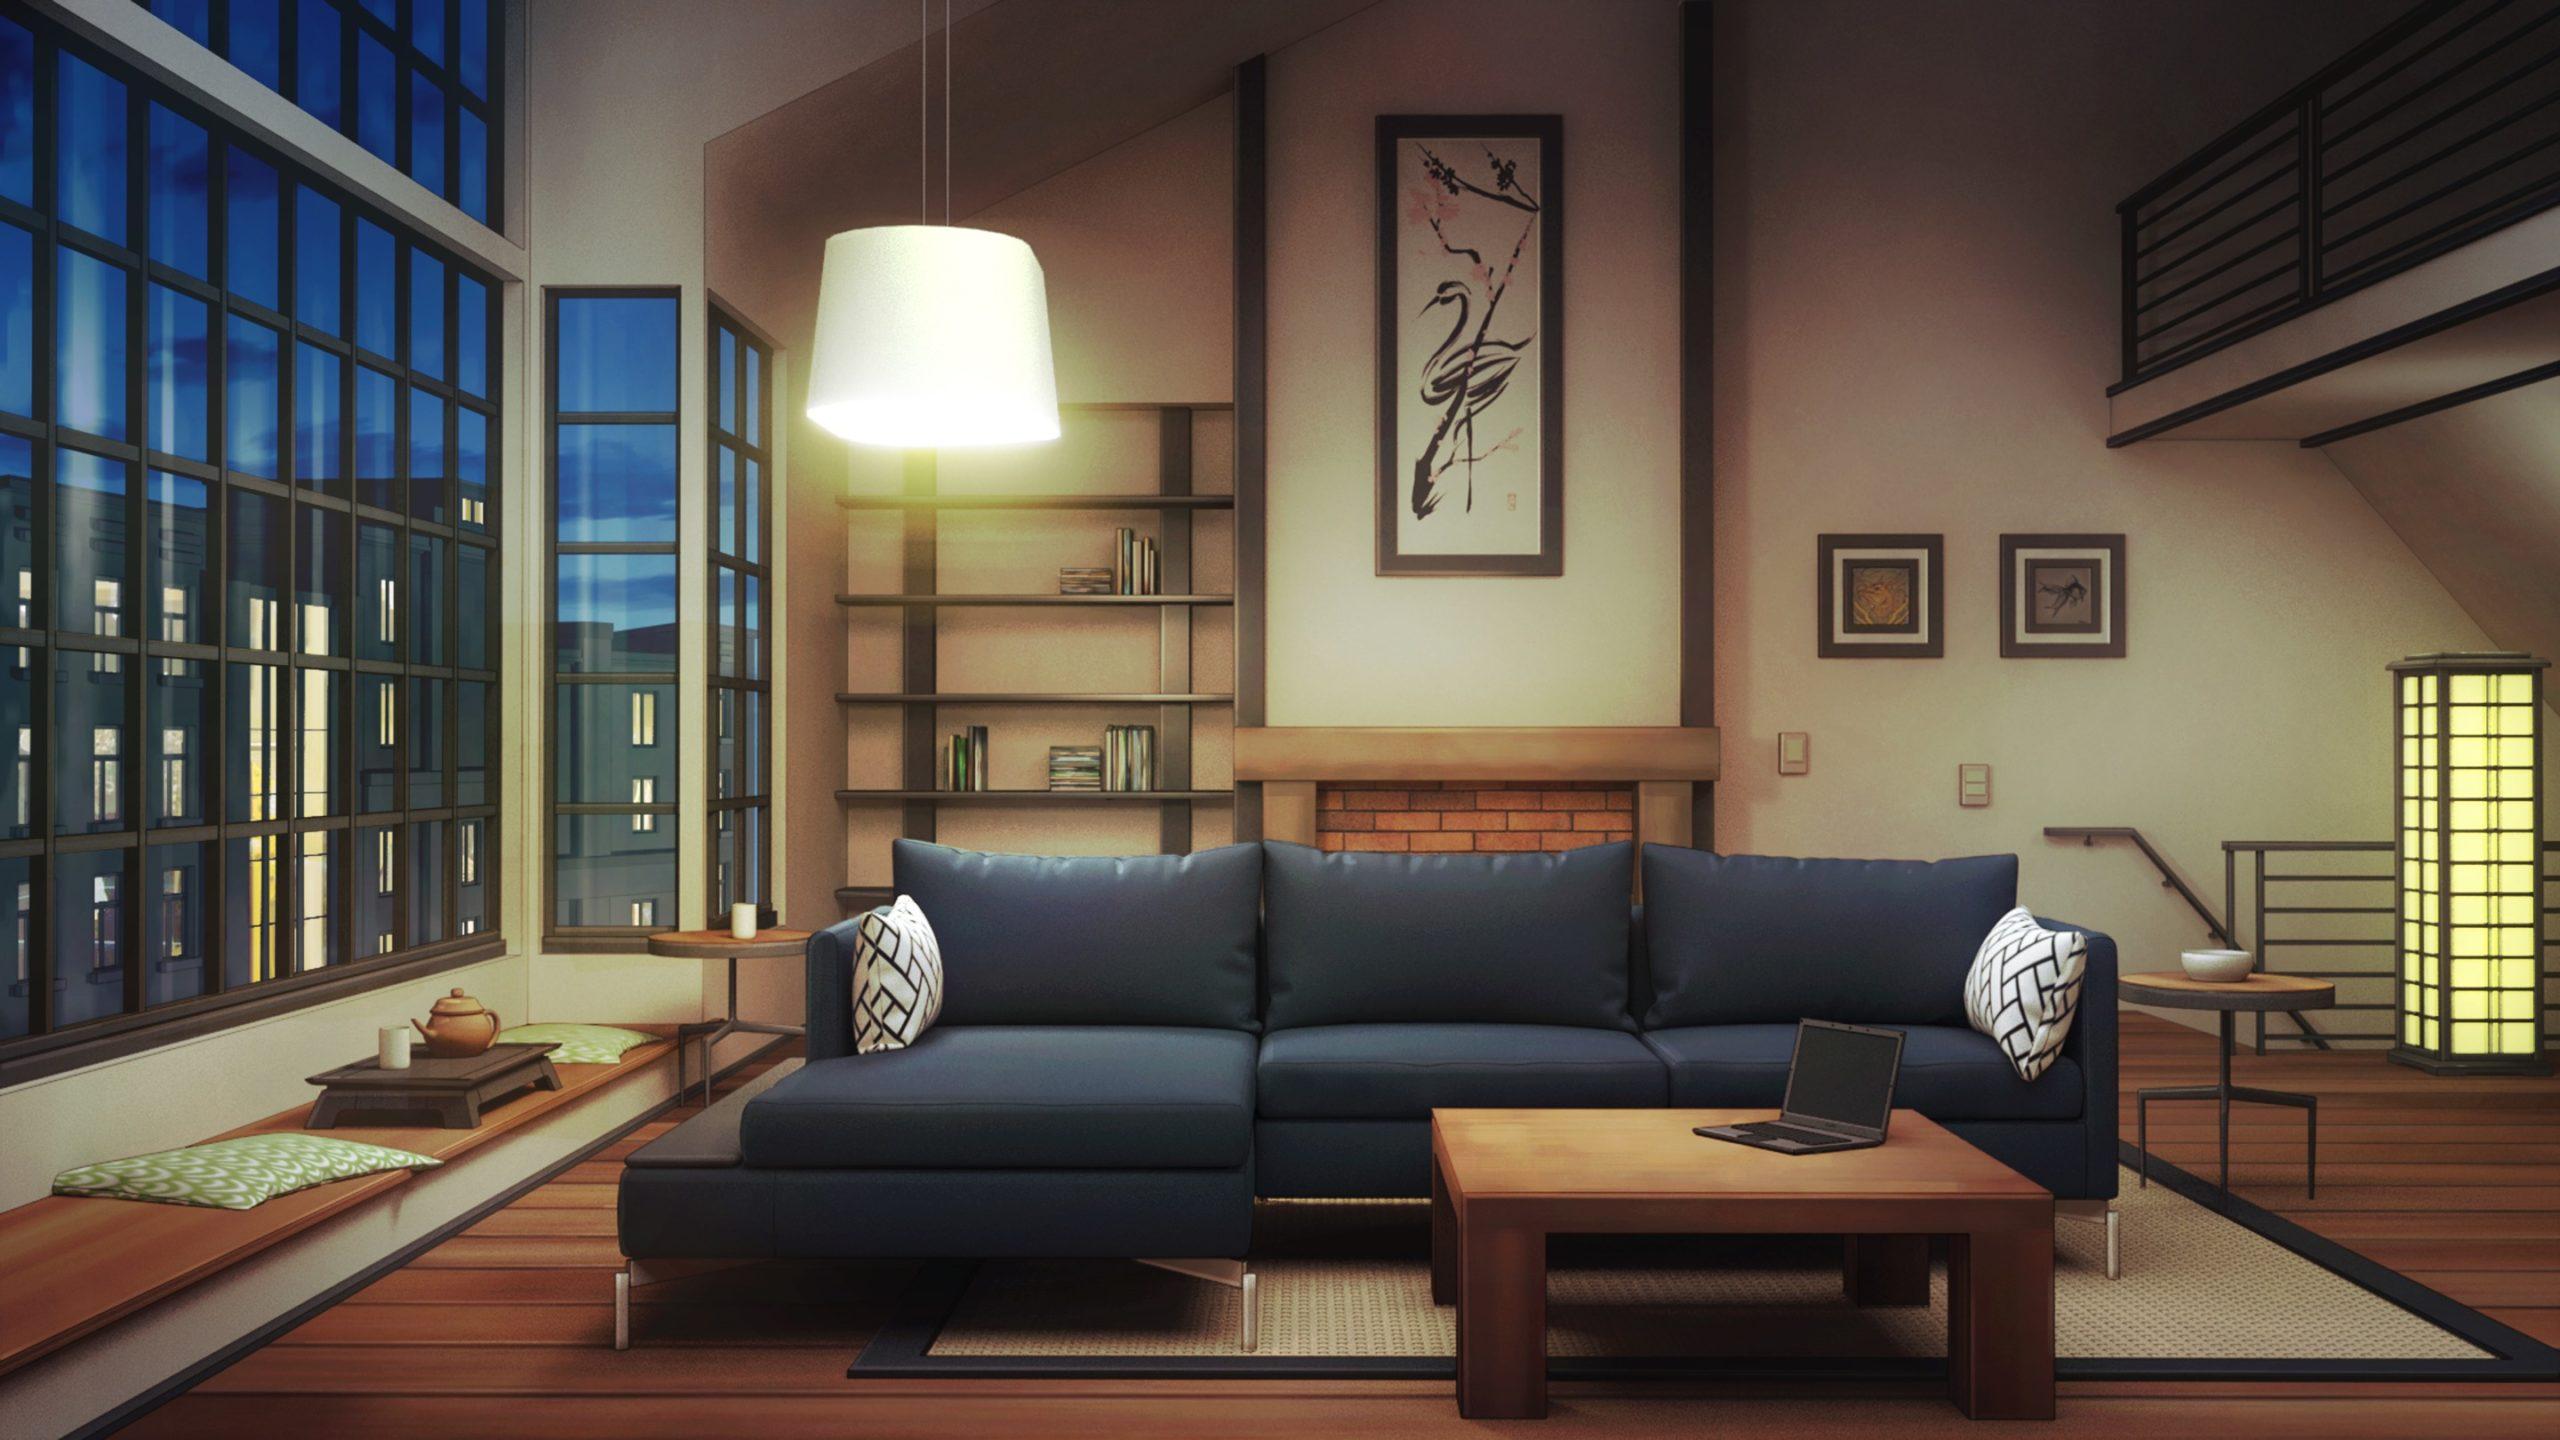 Peter personnage de Is It Love et vue de l'intérieur d'un loft